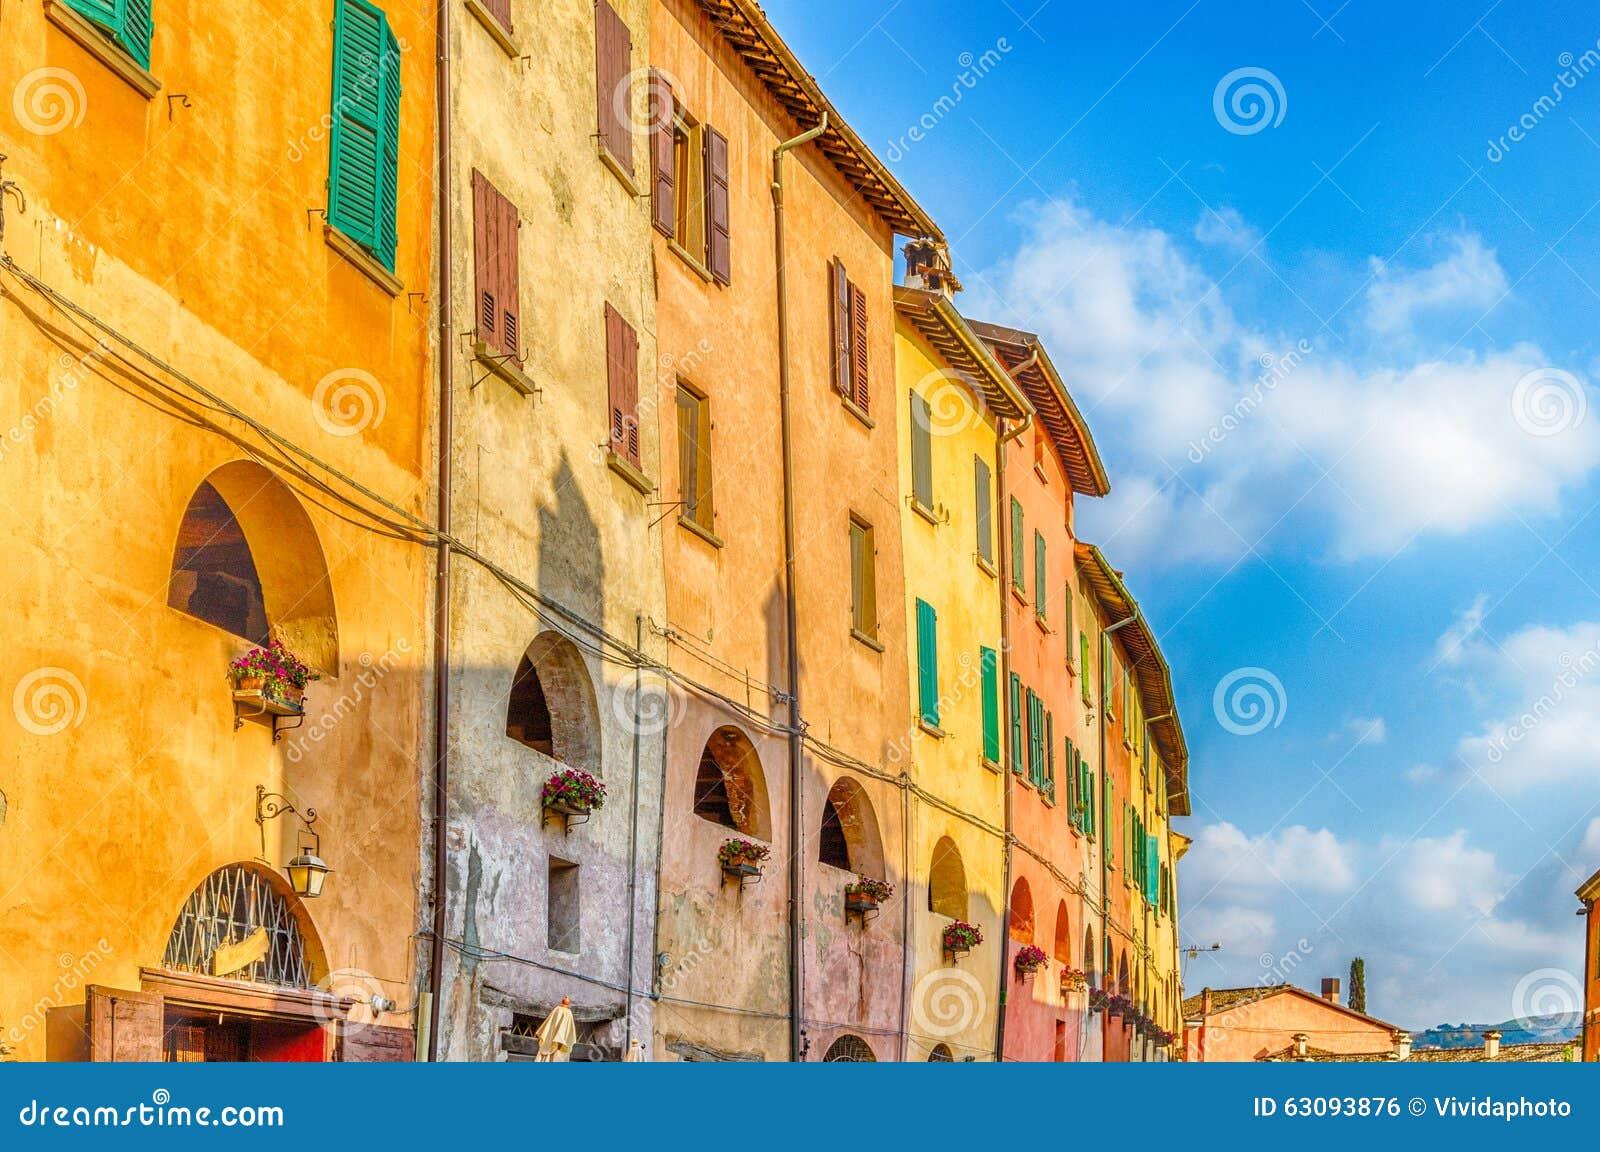 Strada degli asini in Brisighella, Italia